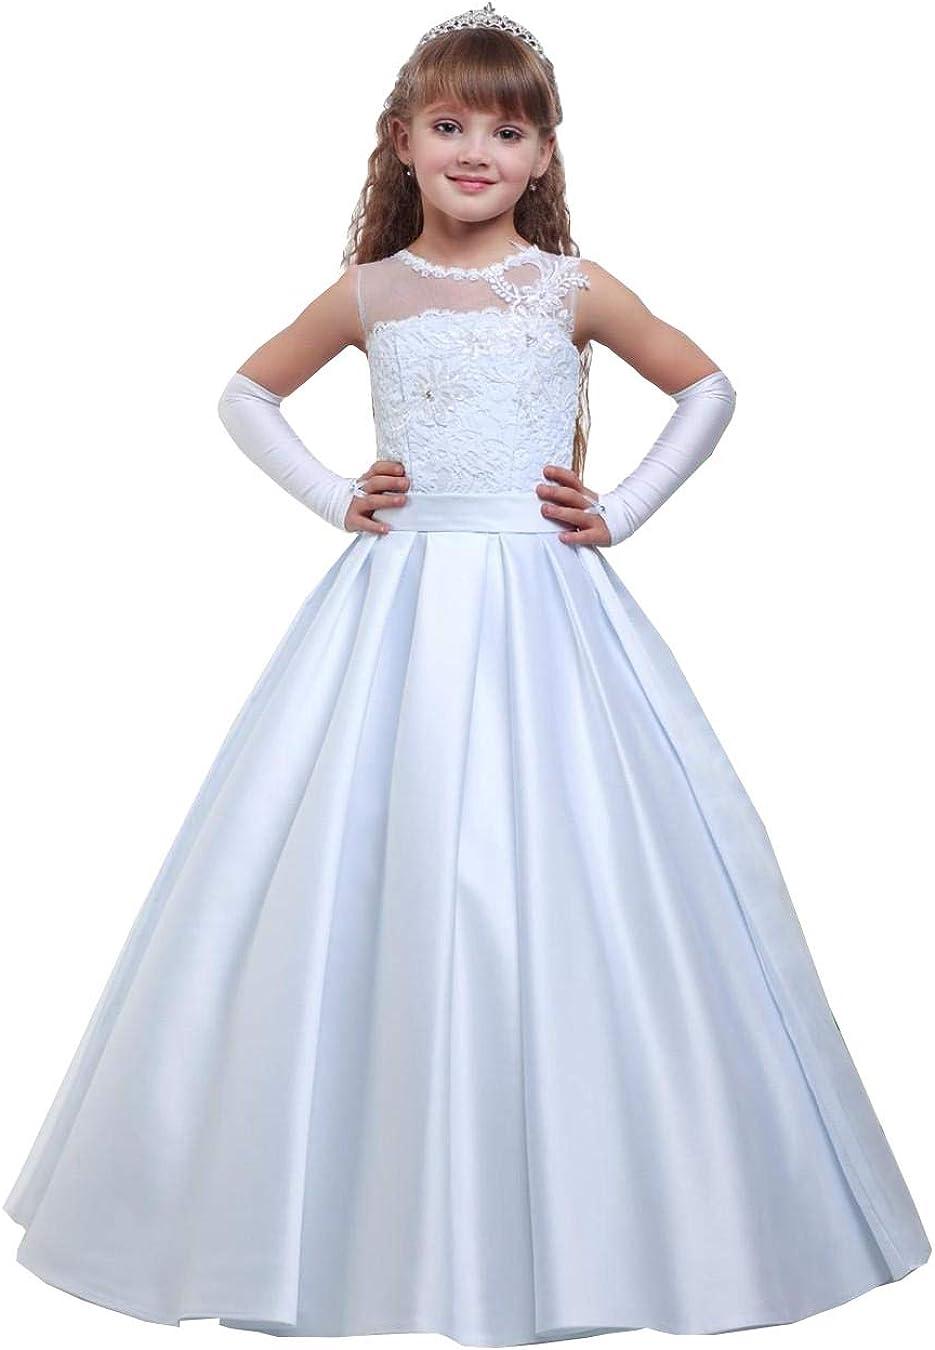 Girls Flower First Communion Dresses White Lace Sheer-neck Wedding Girl Dresses